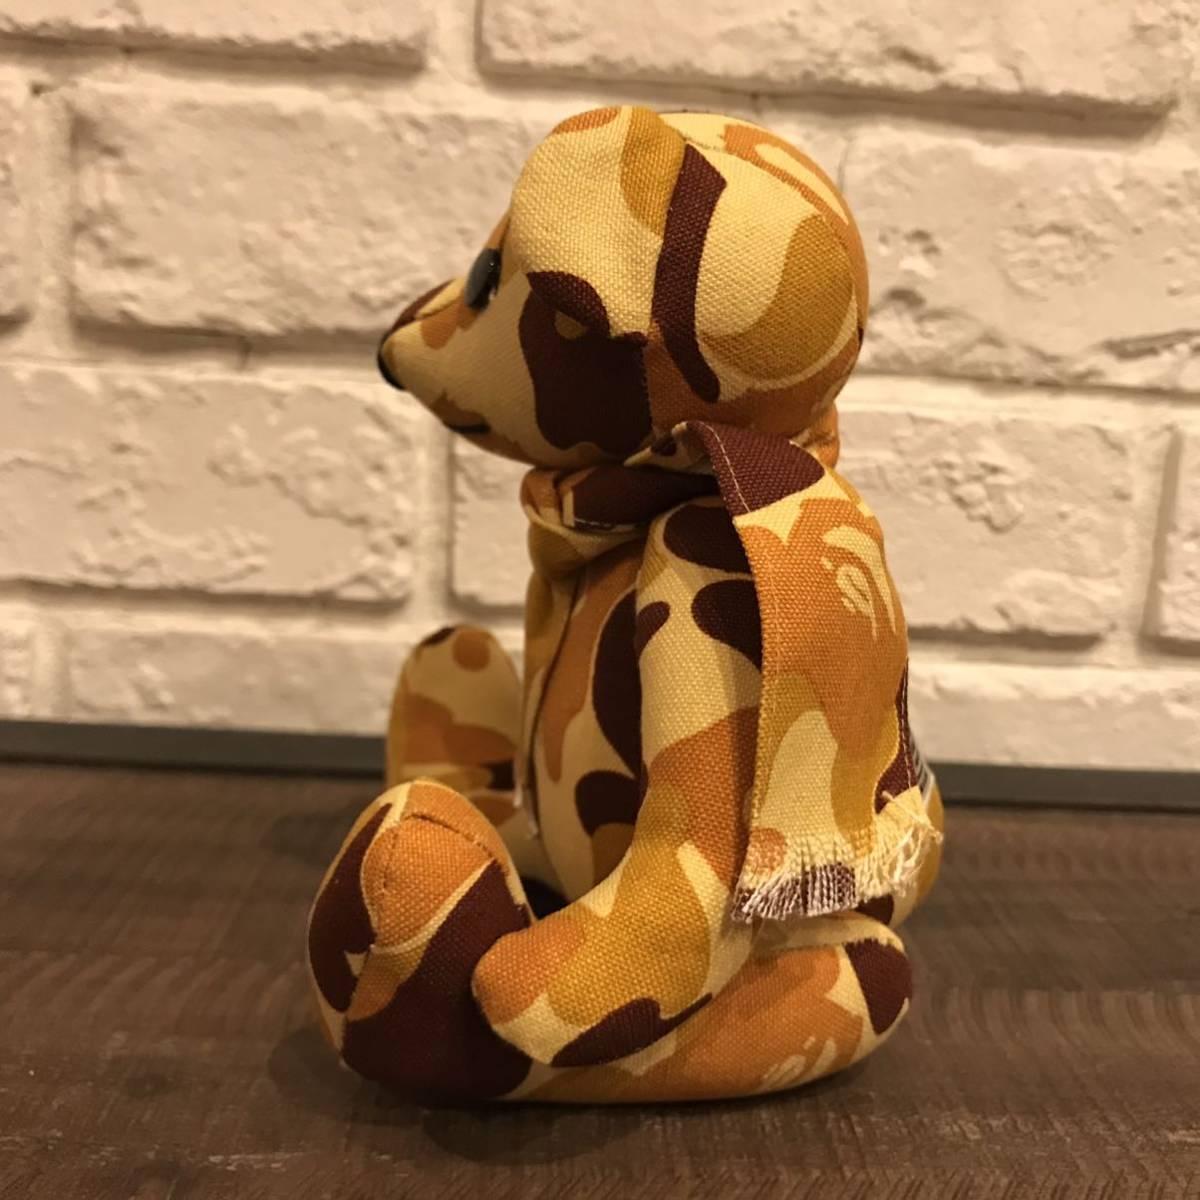 ★非売品★ 100体限定 BAPE camo Teddy bear a bathing ape doll エイプ ベイプ アベイシングエイプ nigo テディベア ぬいぐるみ 当選品